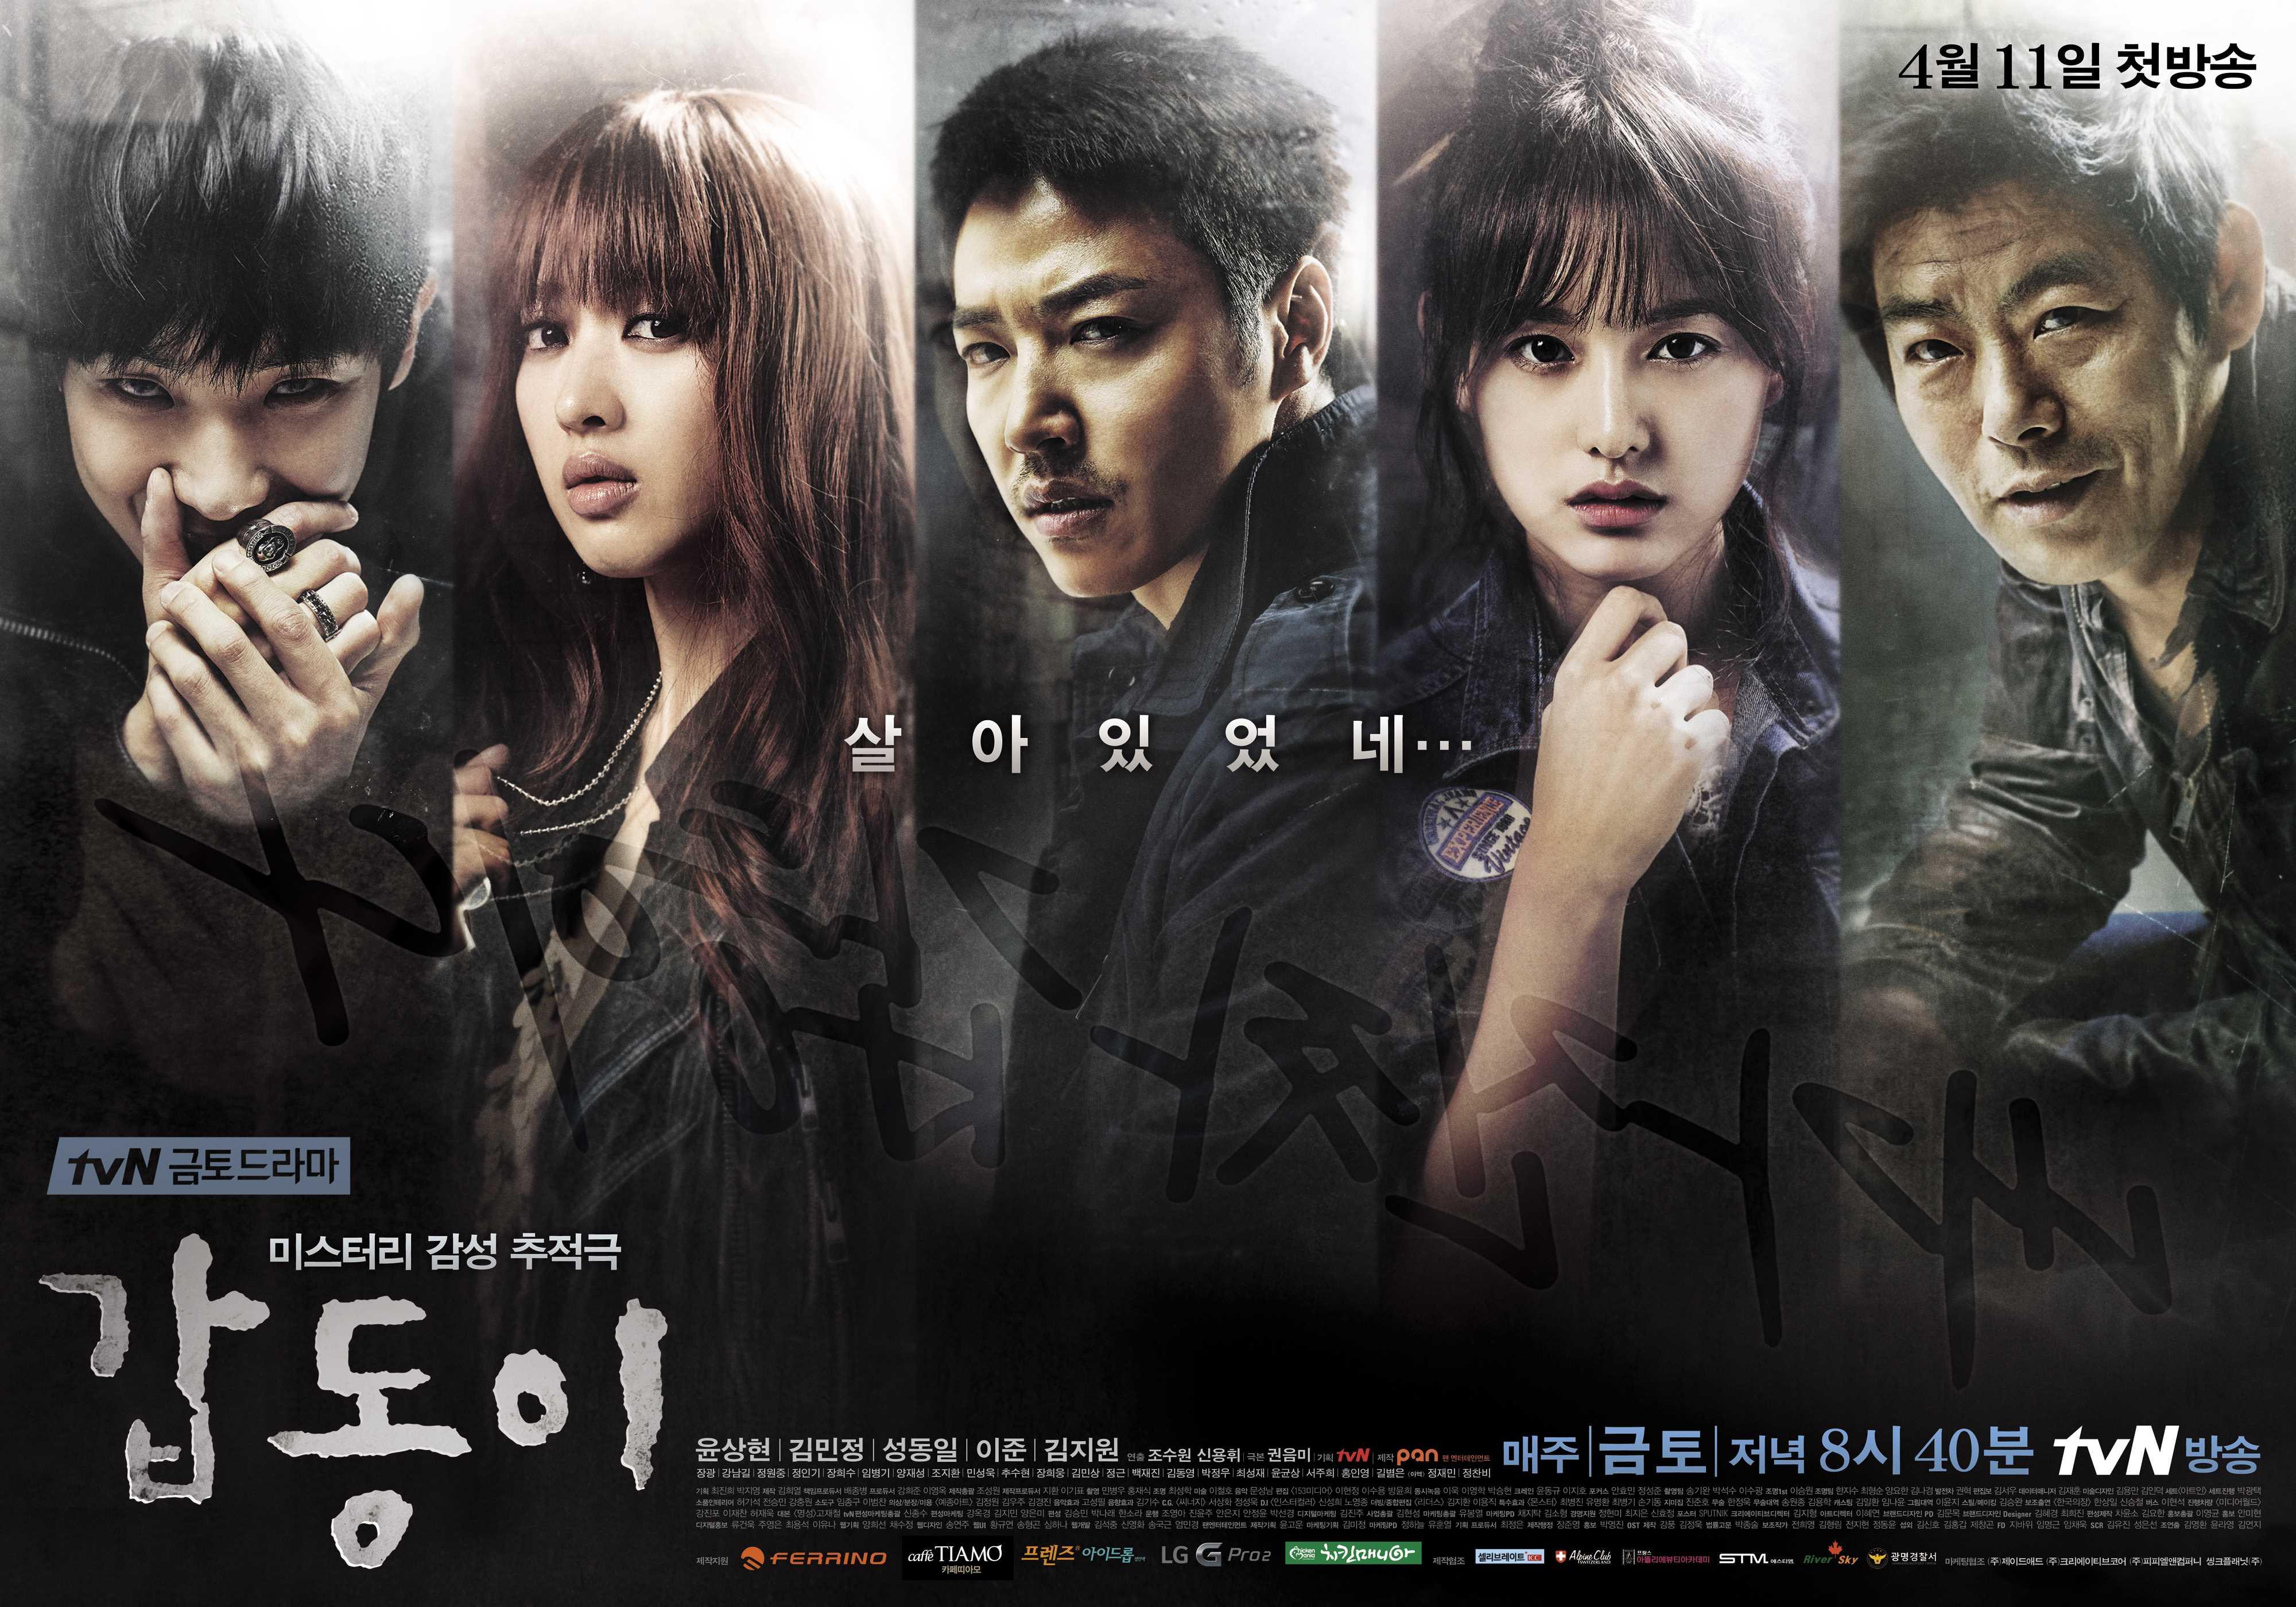 Min-Jung Kim, Dong-il Sung, Yoon Sang-Hyun, Joon Lee, and Kim Ji-Won in Gap Dong (2014)